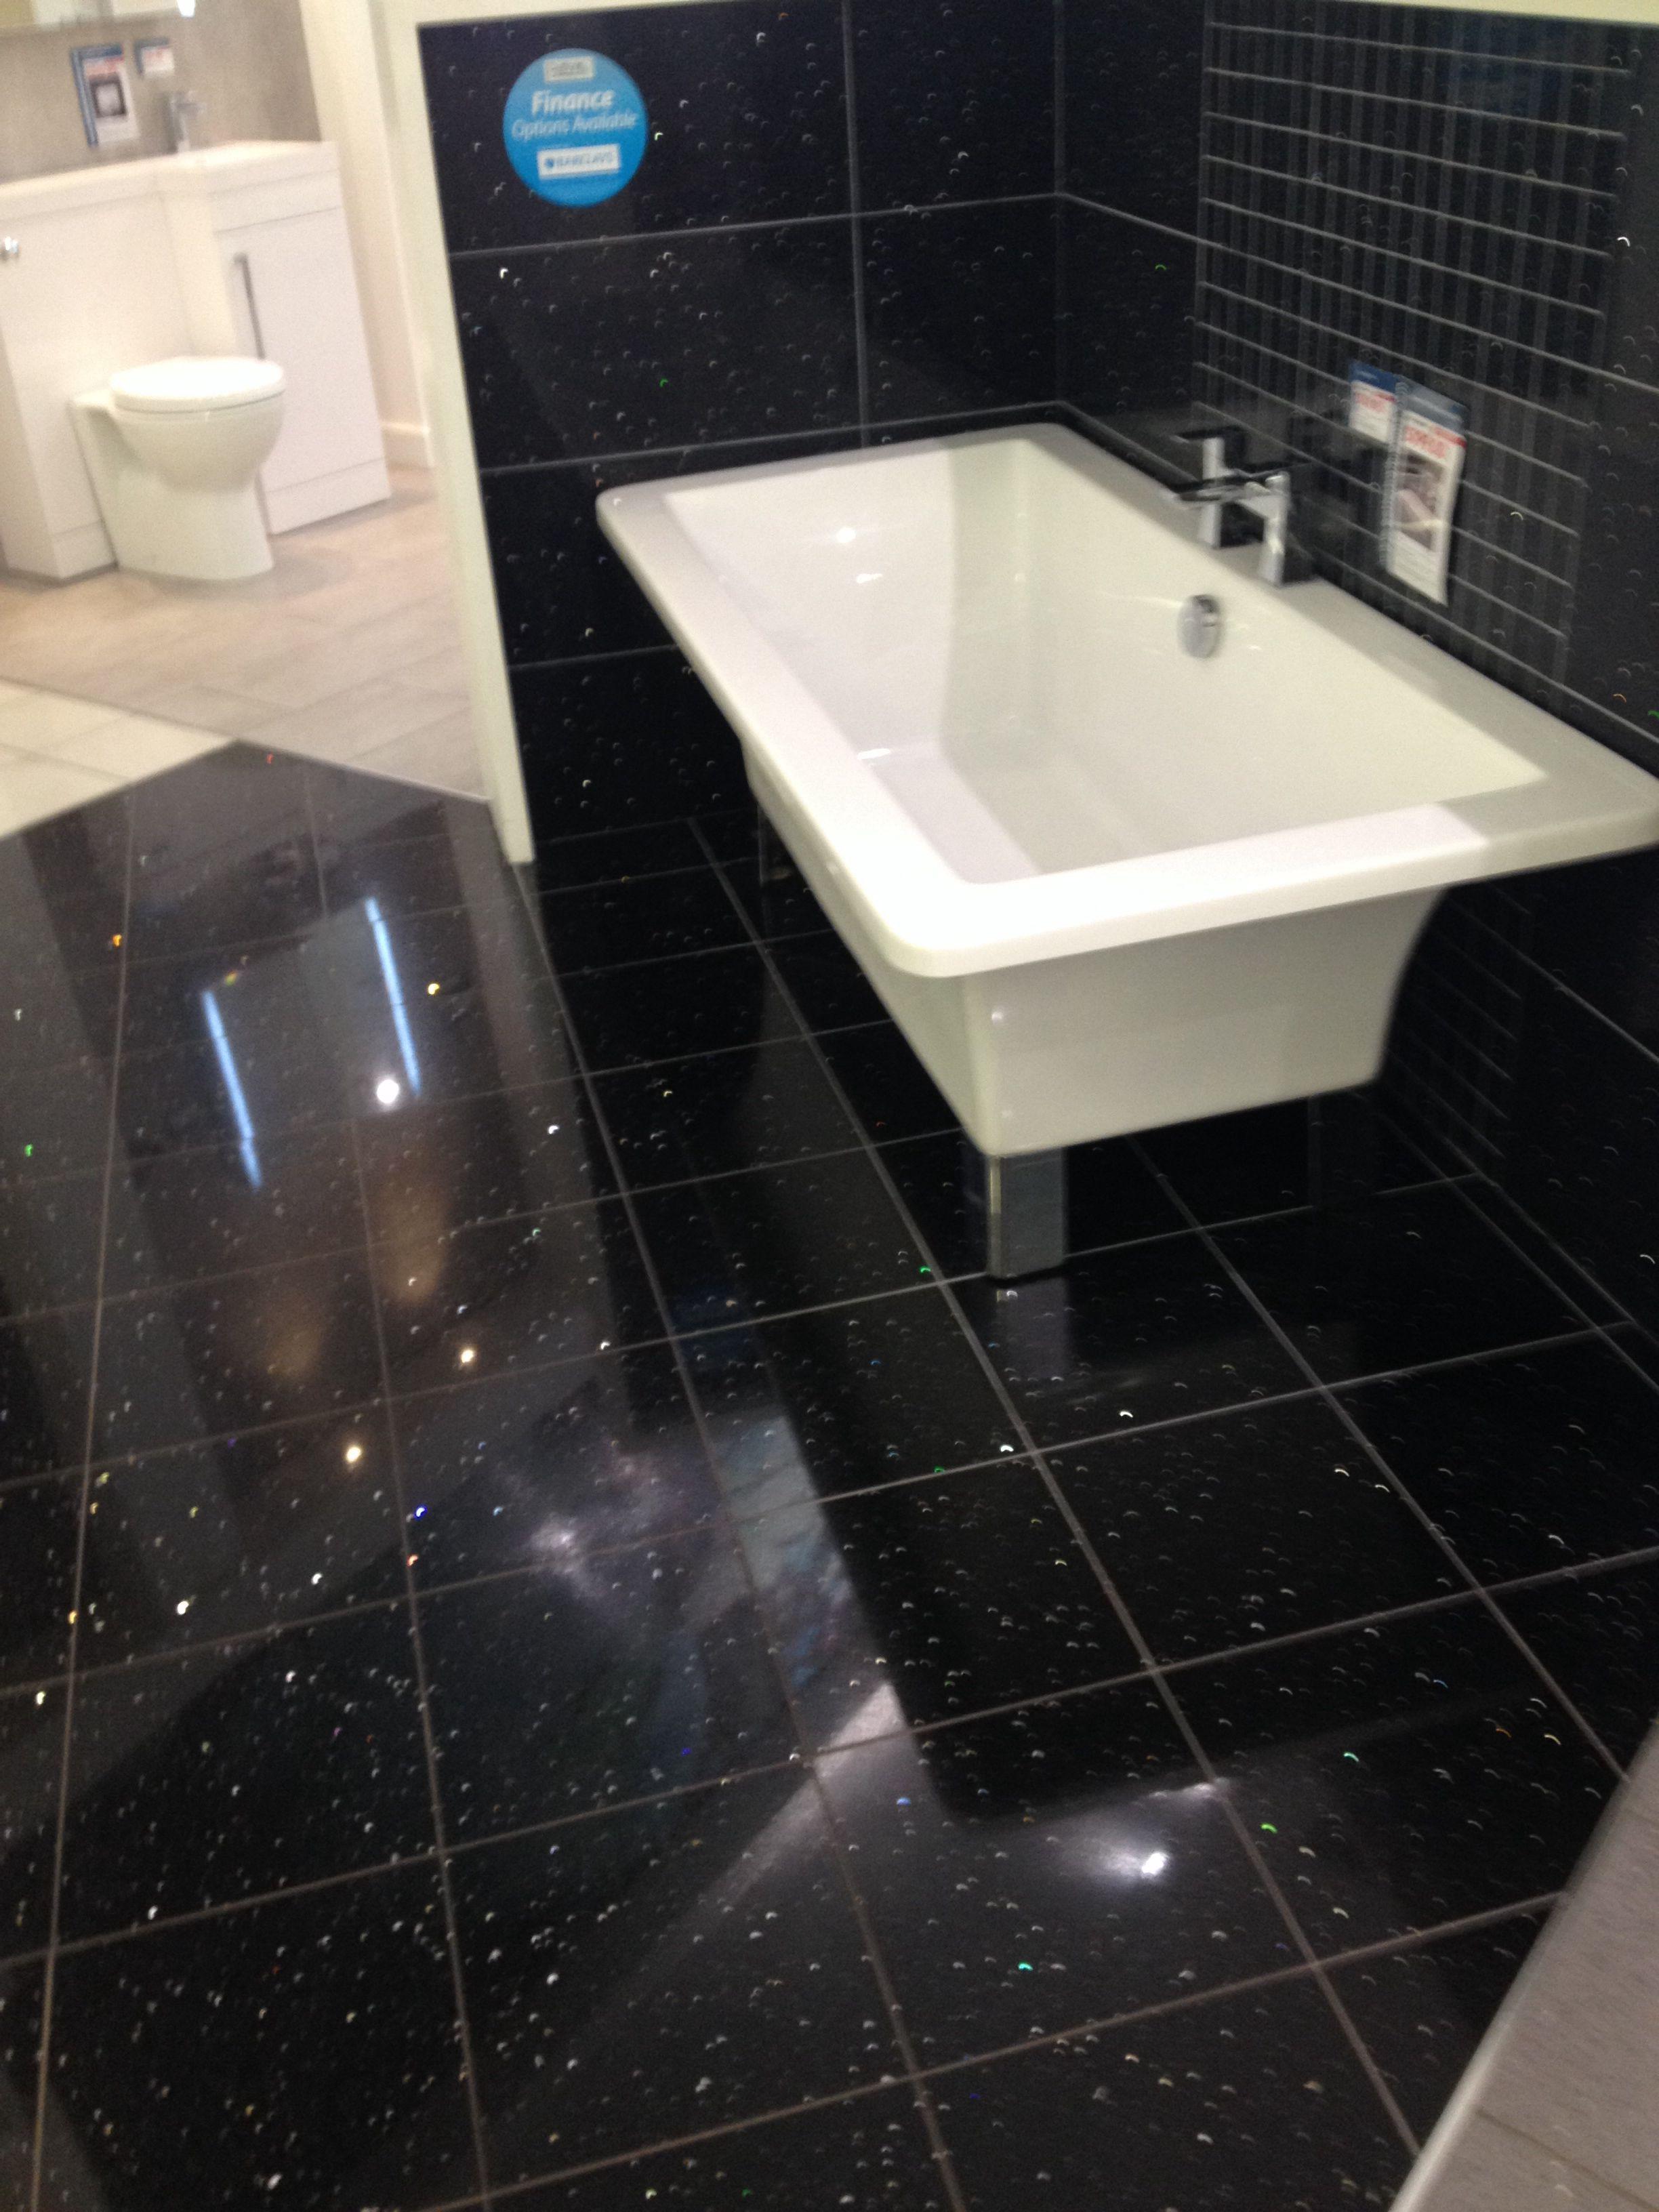 Black Sparkly Tiles Sparkly Tiles Glitter Bathroom Bathroom